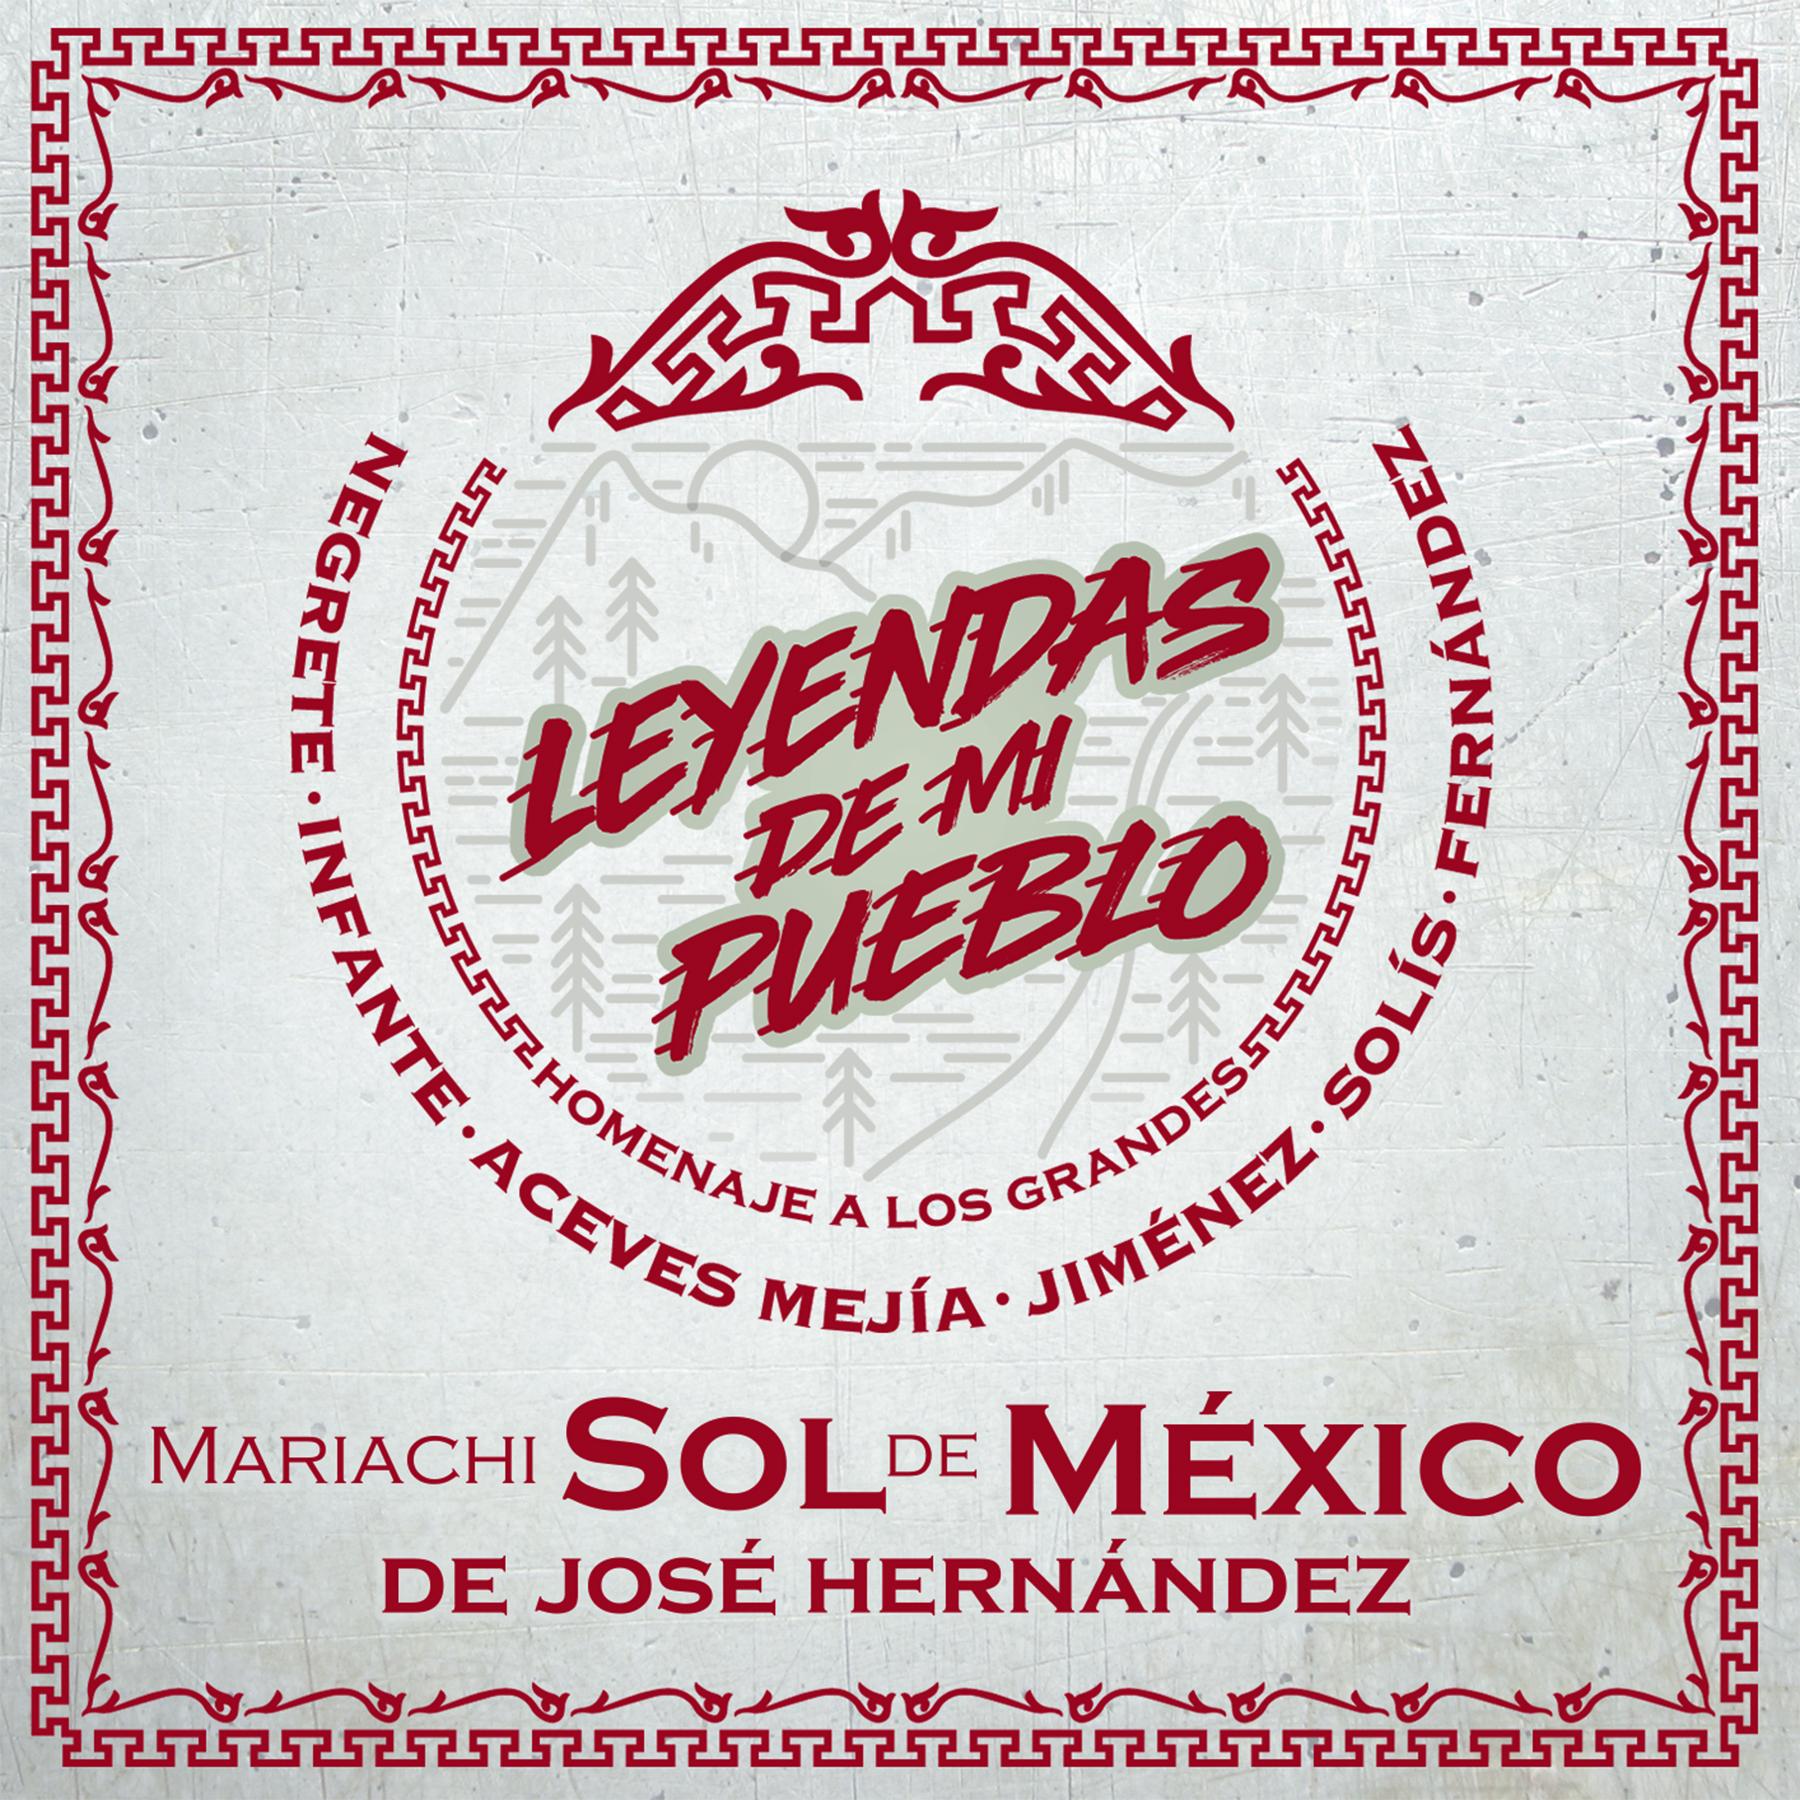 El Maestro José Hernández y su famoso Mariachi Sol de México lanzan nueva producción: «Leyendas de mi pueblo» y anuncian fechas de gira